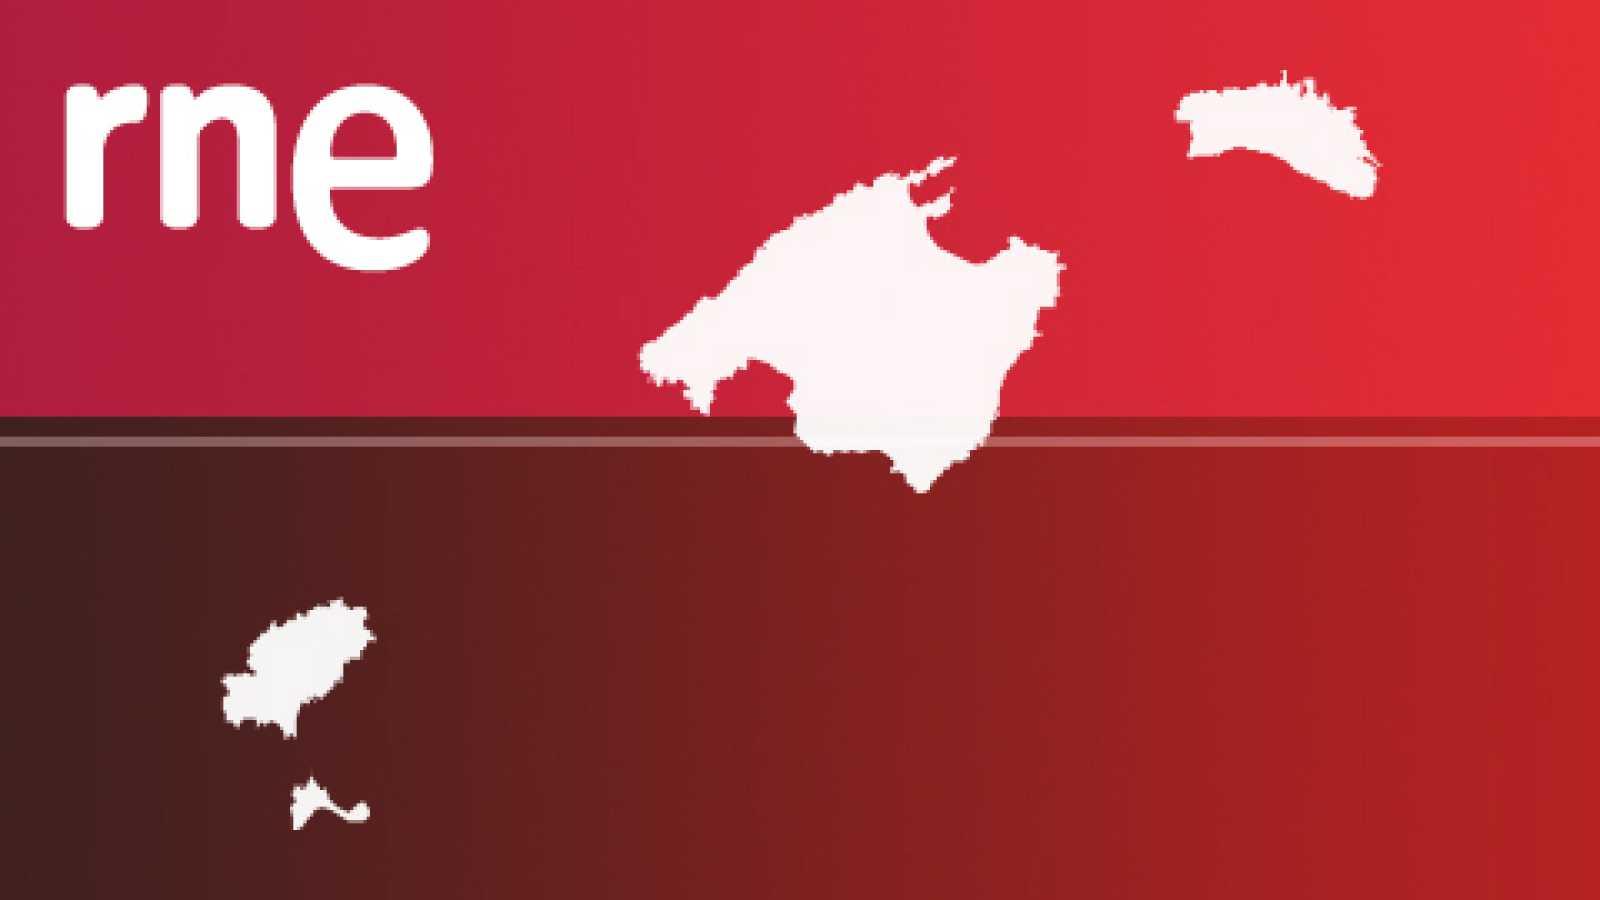 Noticies Vespre Balears 15/10/2020 - Ecuchar ahora